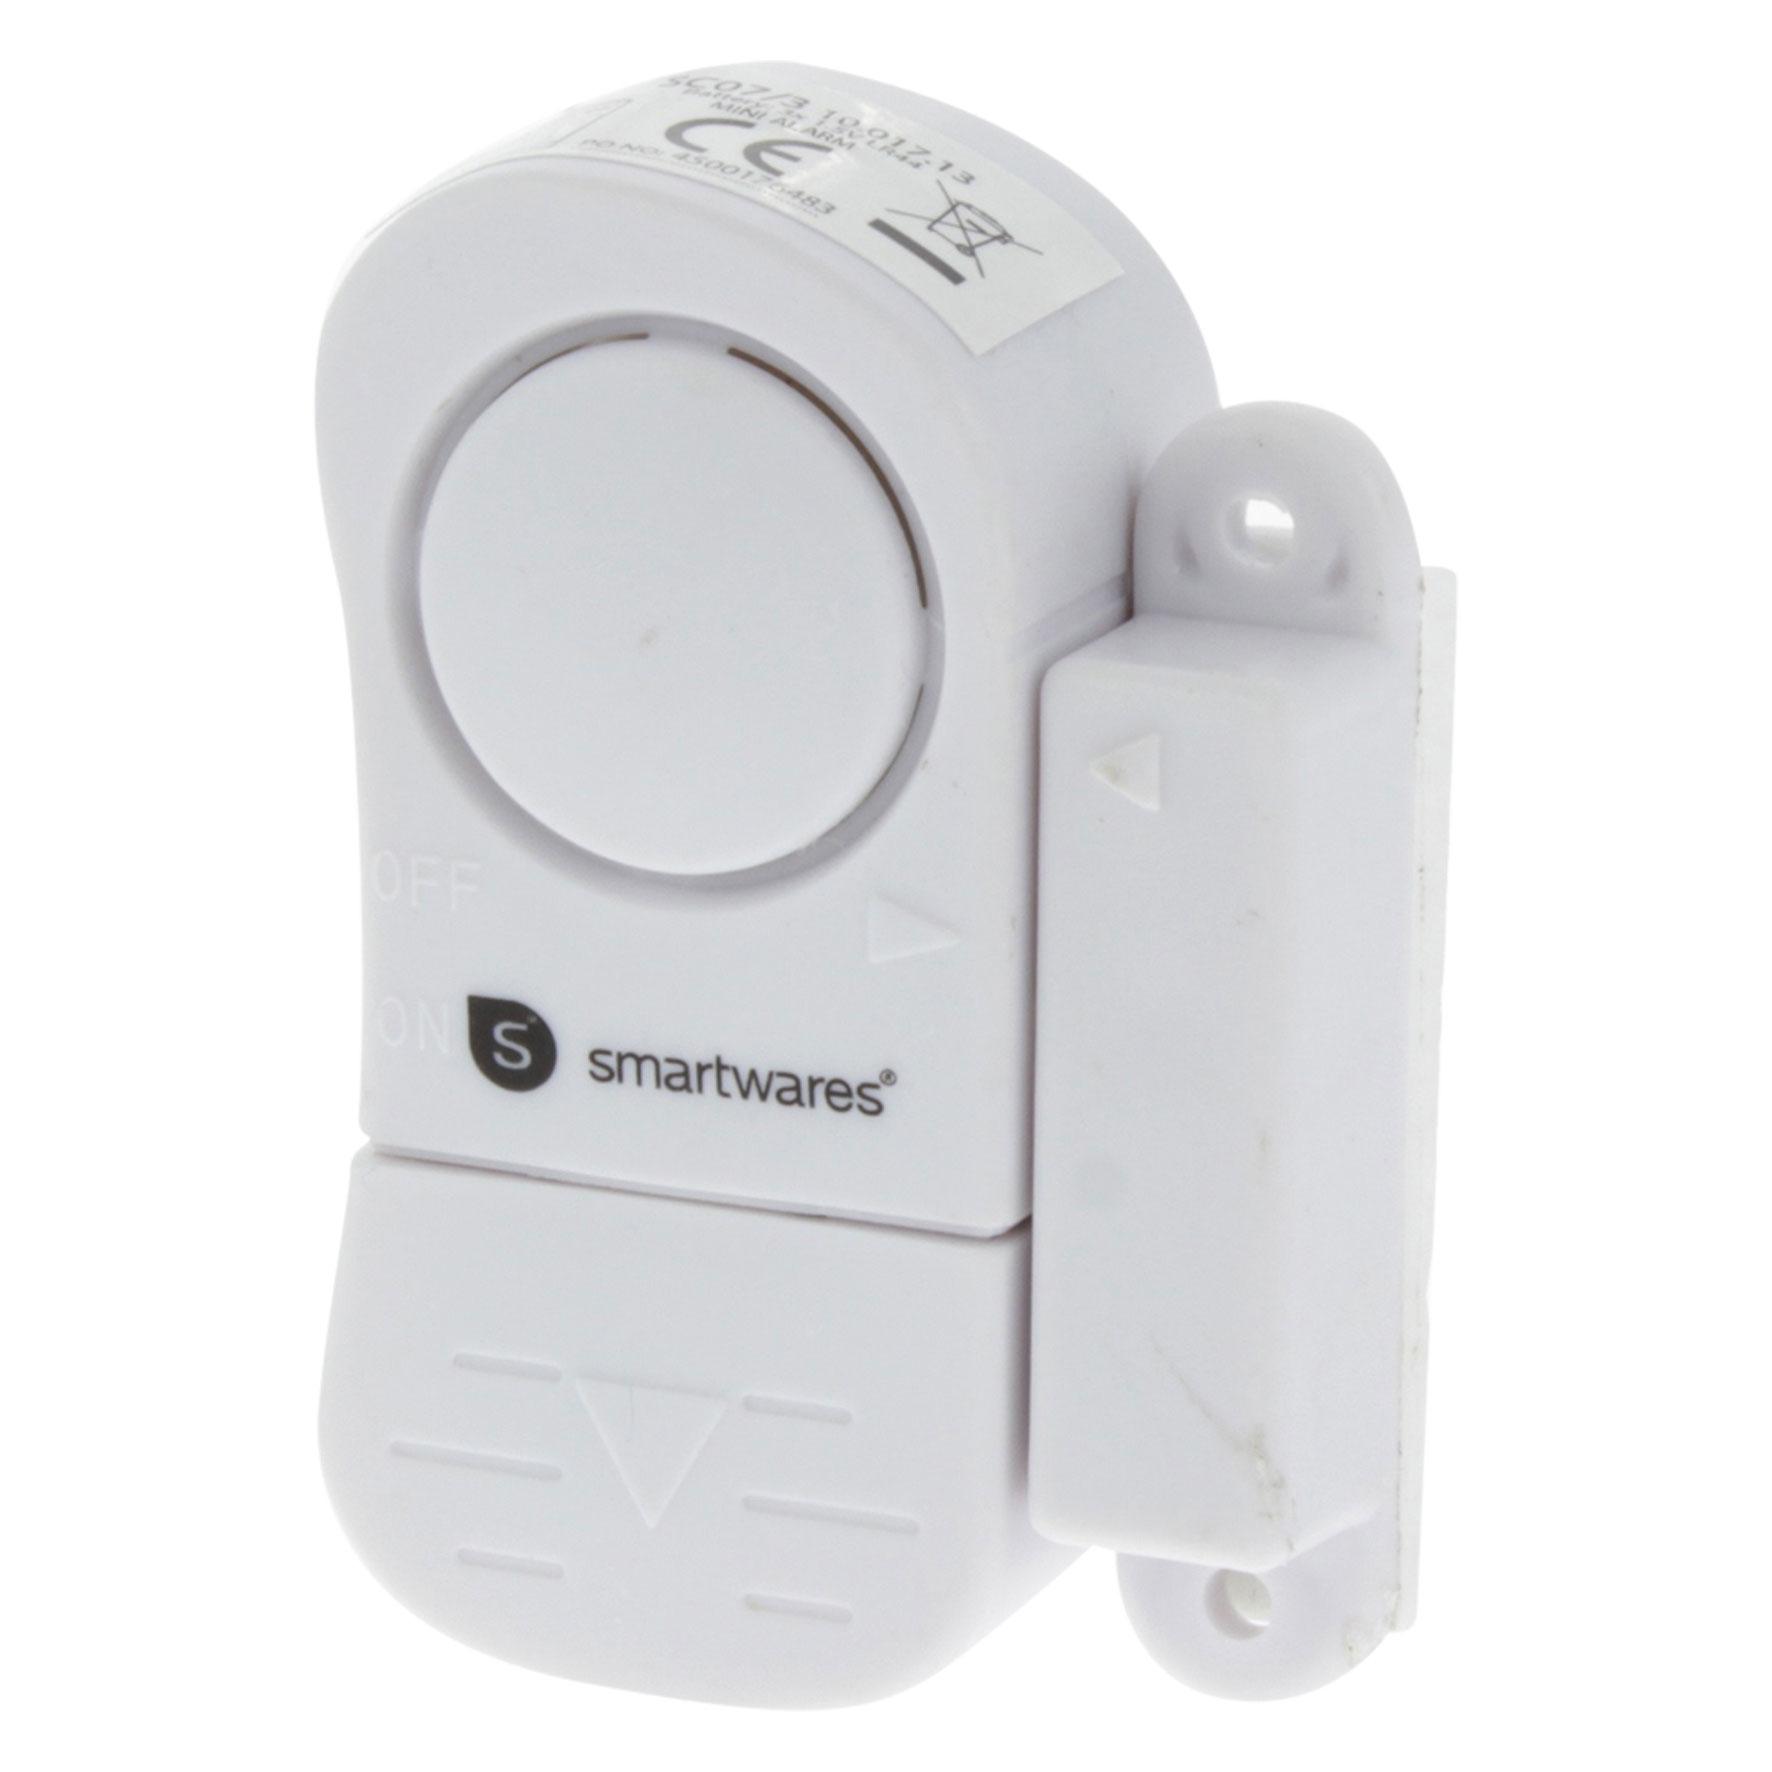 Afbeelding van SHI Smartwares Magnetisch Alarm